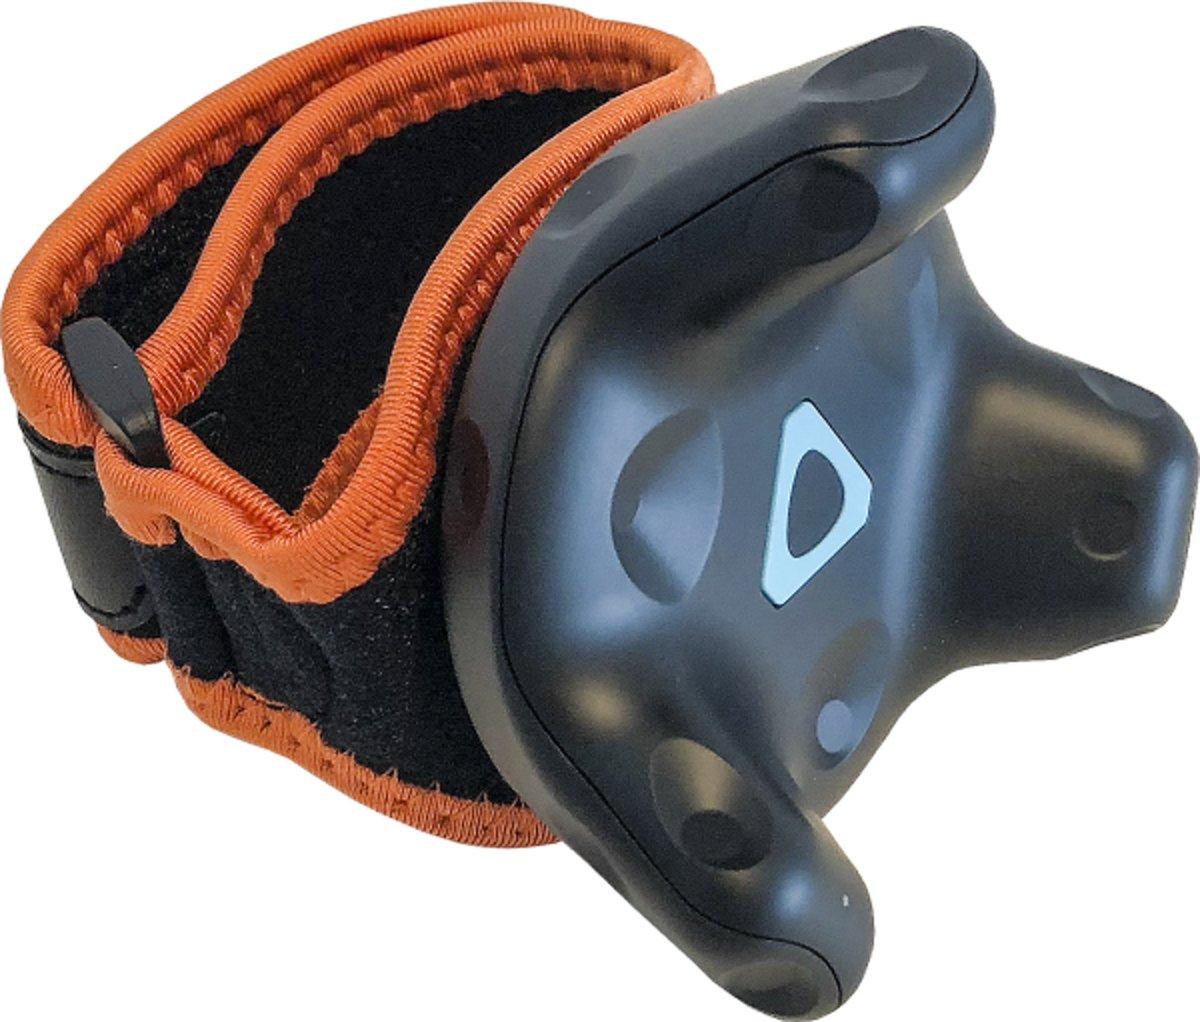 VR Straps (voor HTC Vive Tracker) - 2 stuks kopen